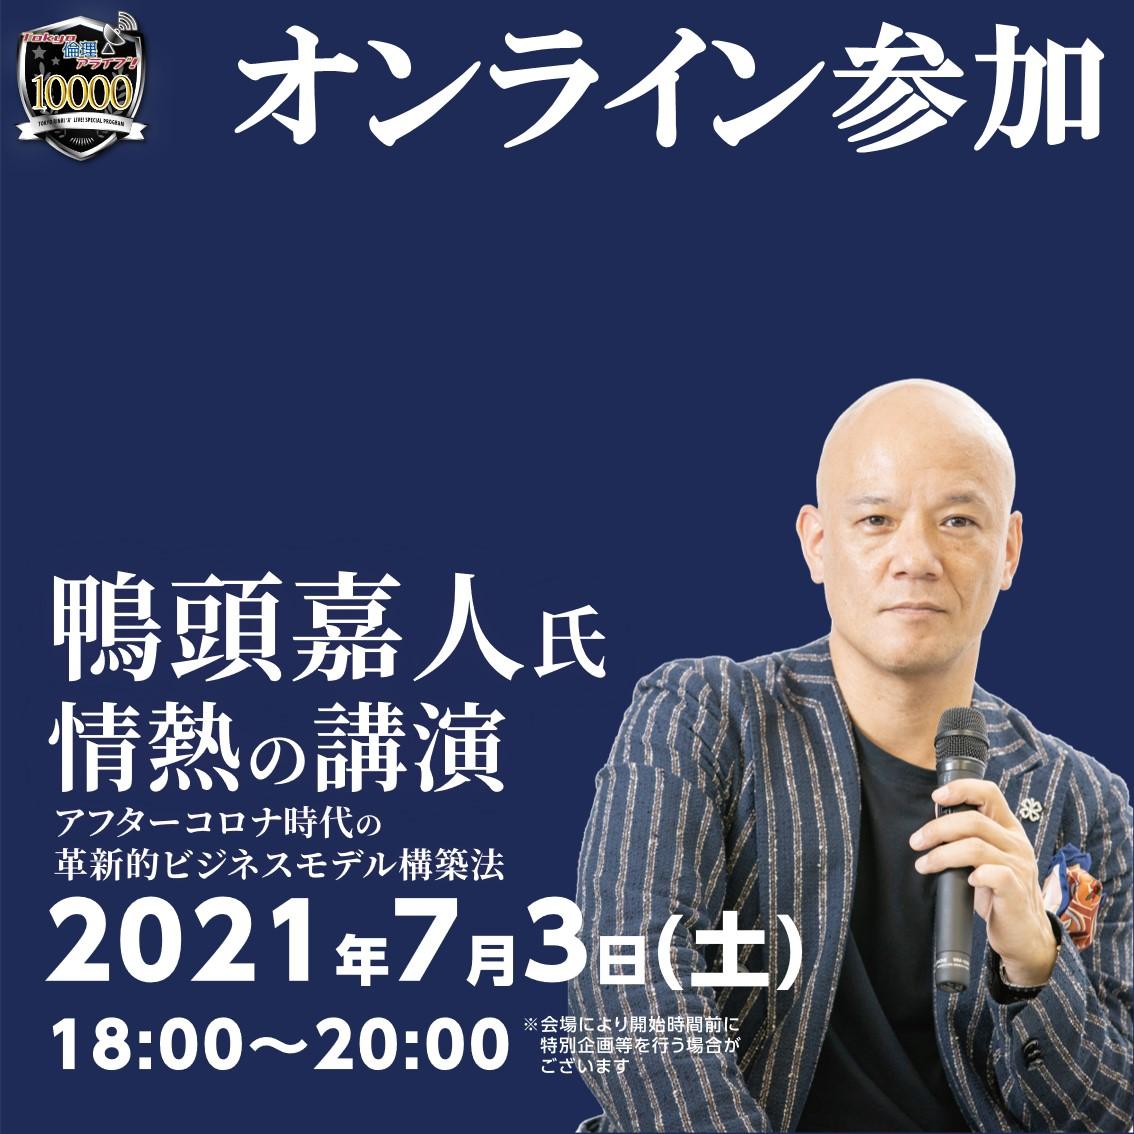 【オンライン】倫理アライブ10000オンライン視聴【第一部のみ】